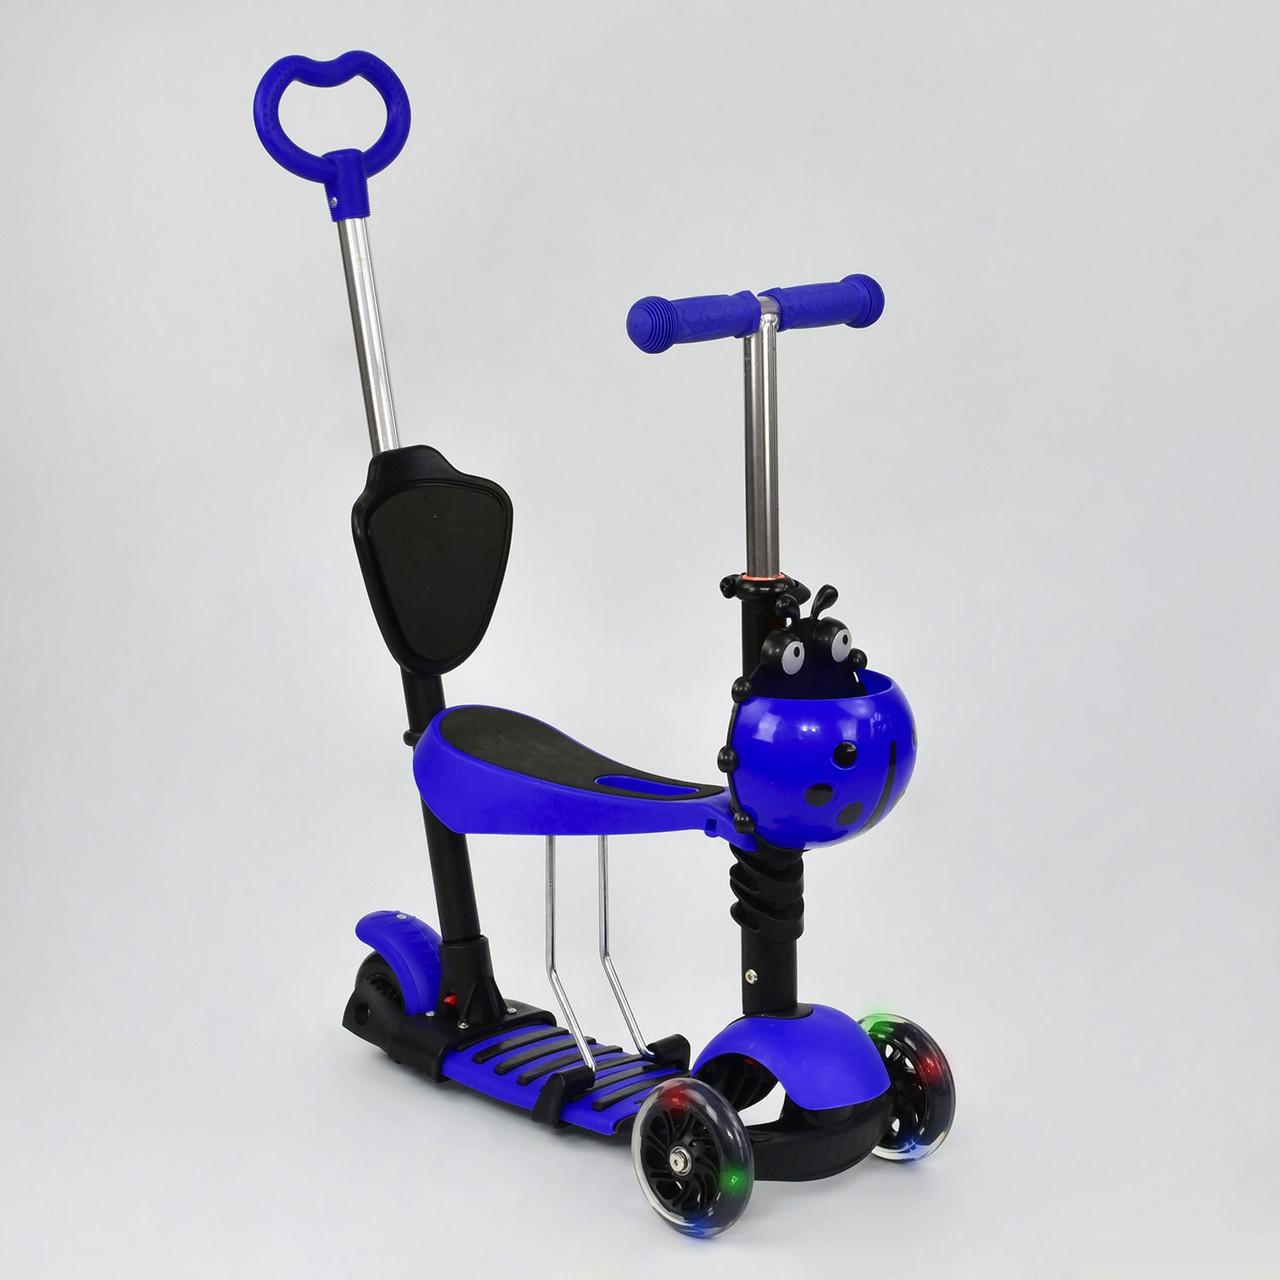 Детский трехколесный самокат-беговел 5 в 1 А 24676 - 3030  Best Scooter